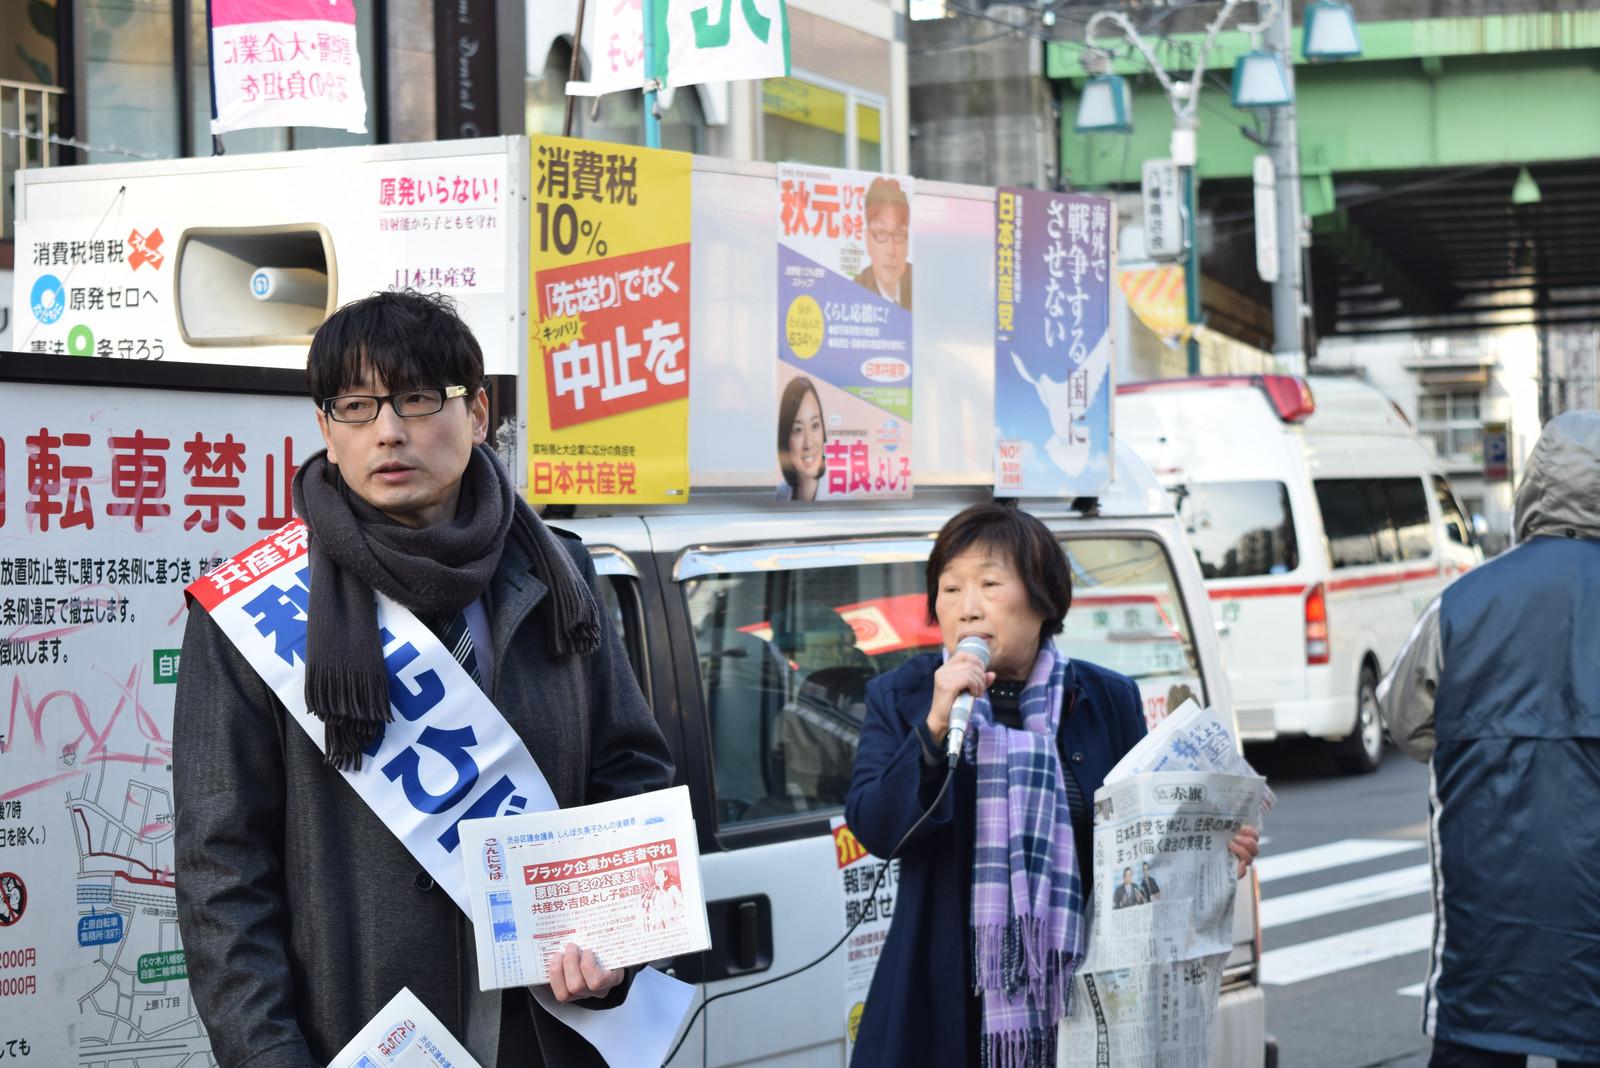 区議団の議席の値打ちを訴える、しんぽ久美子区議(右)と秋元ひでゆき区議候補(左)=13日、渋谷区